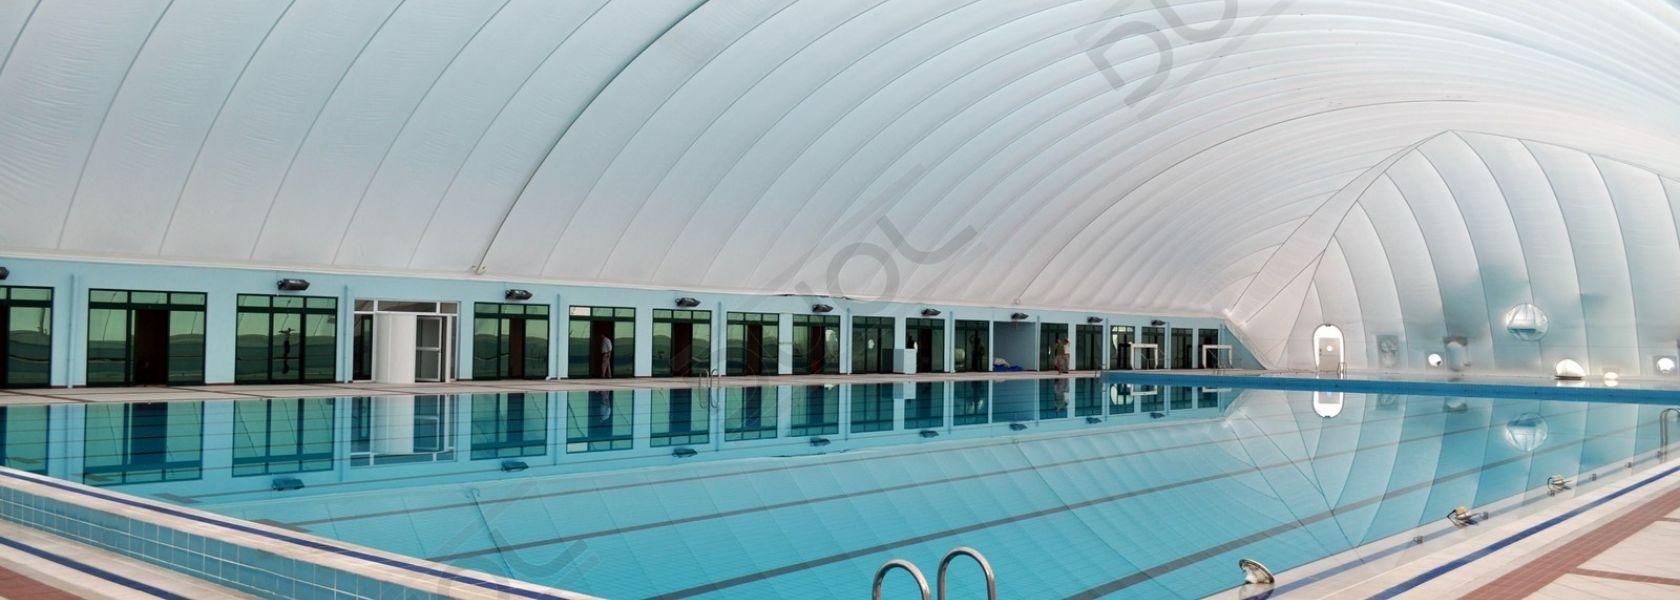 Ataköy swimming-pool Airdome